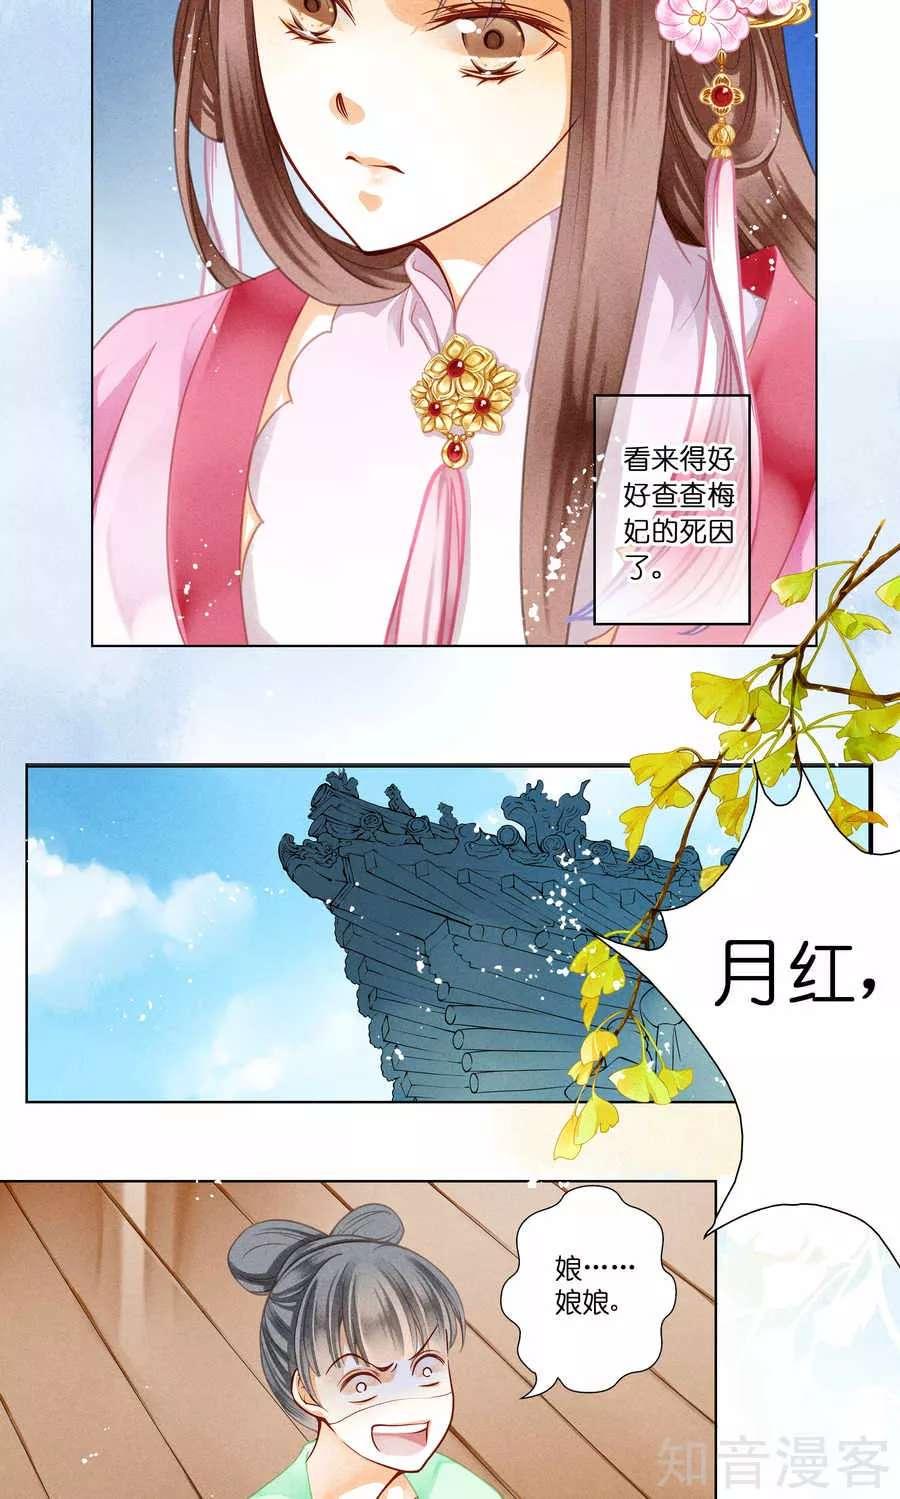 爱上无敌俏皇后第28话  28话 偶遇头号情敌! 第 4